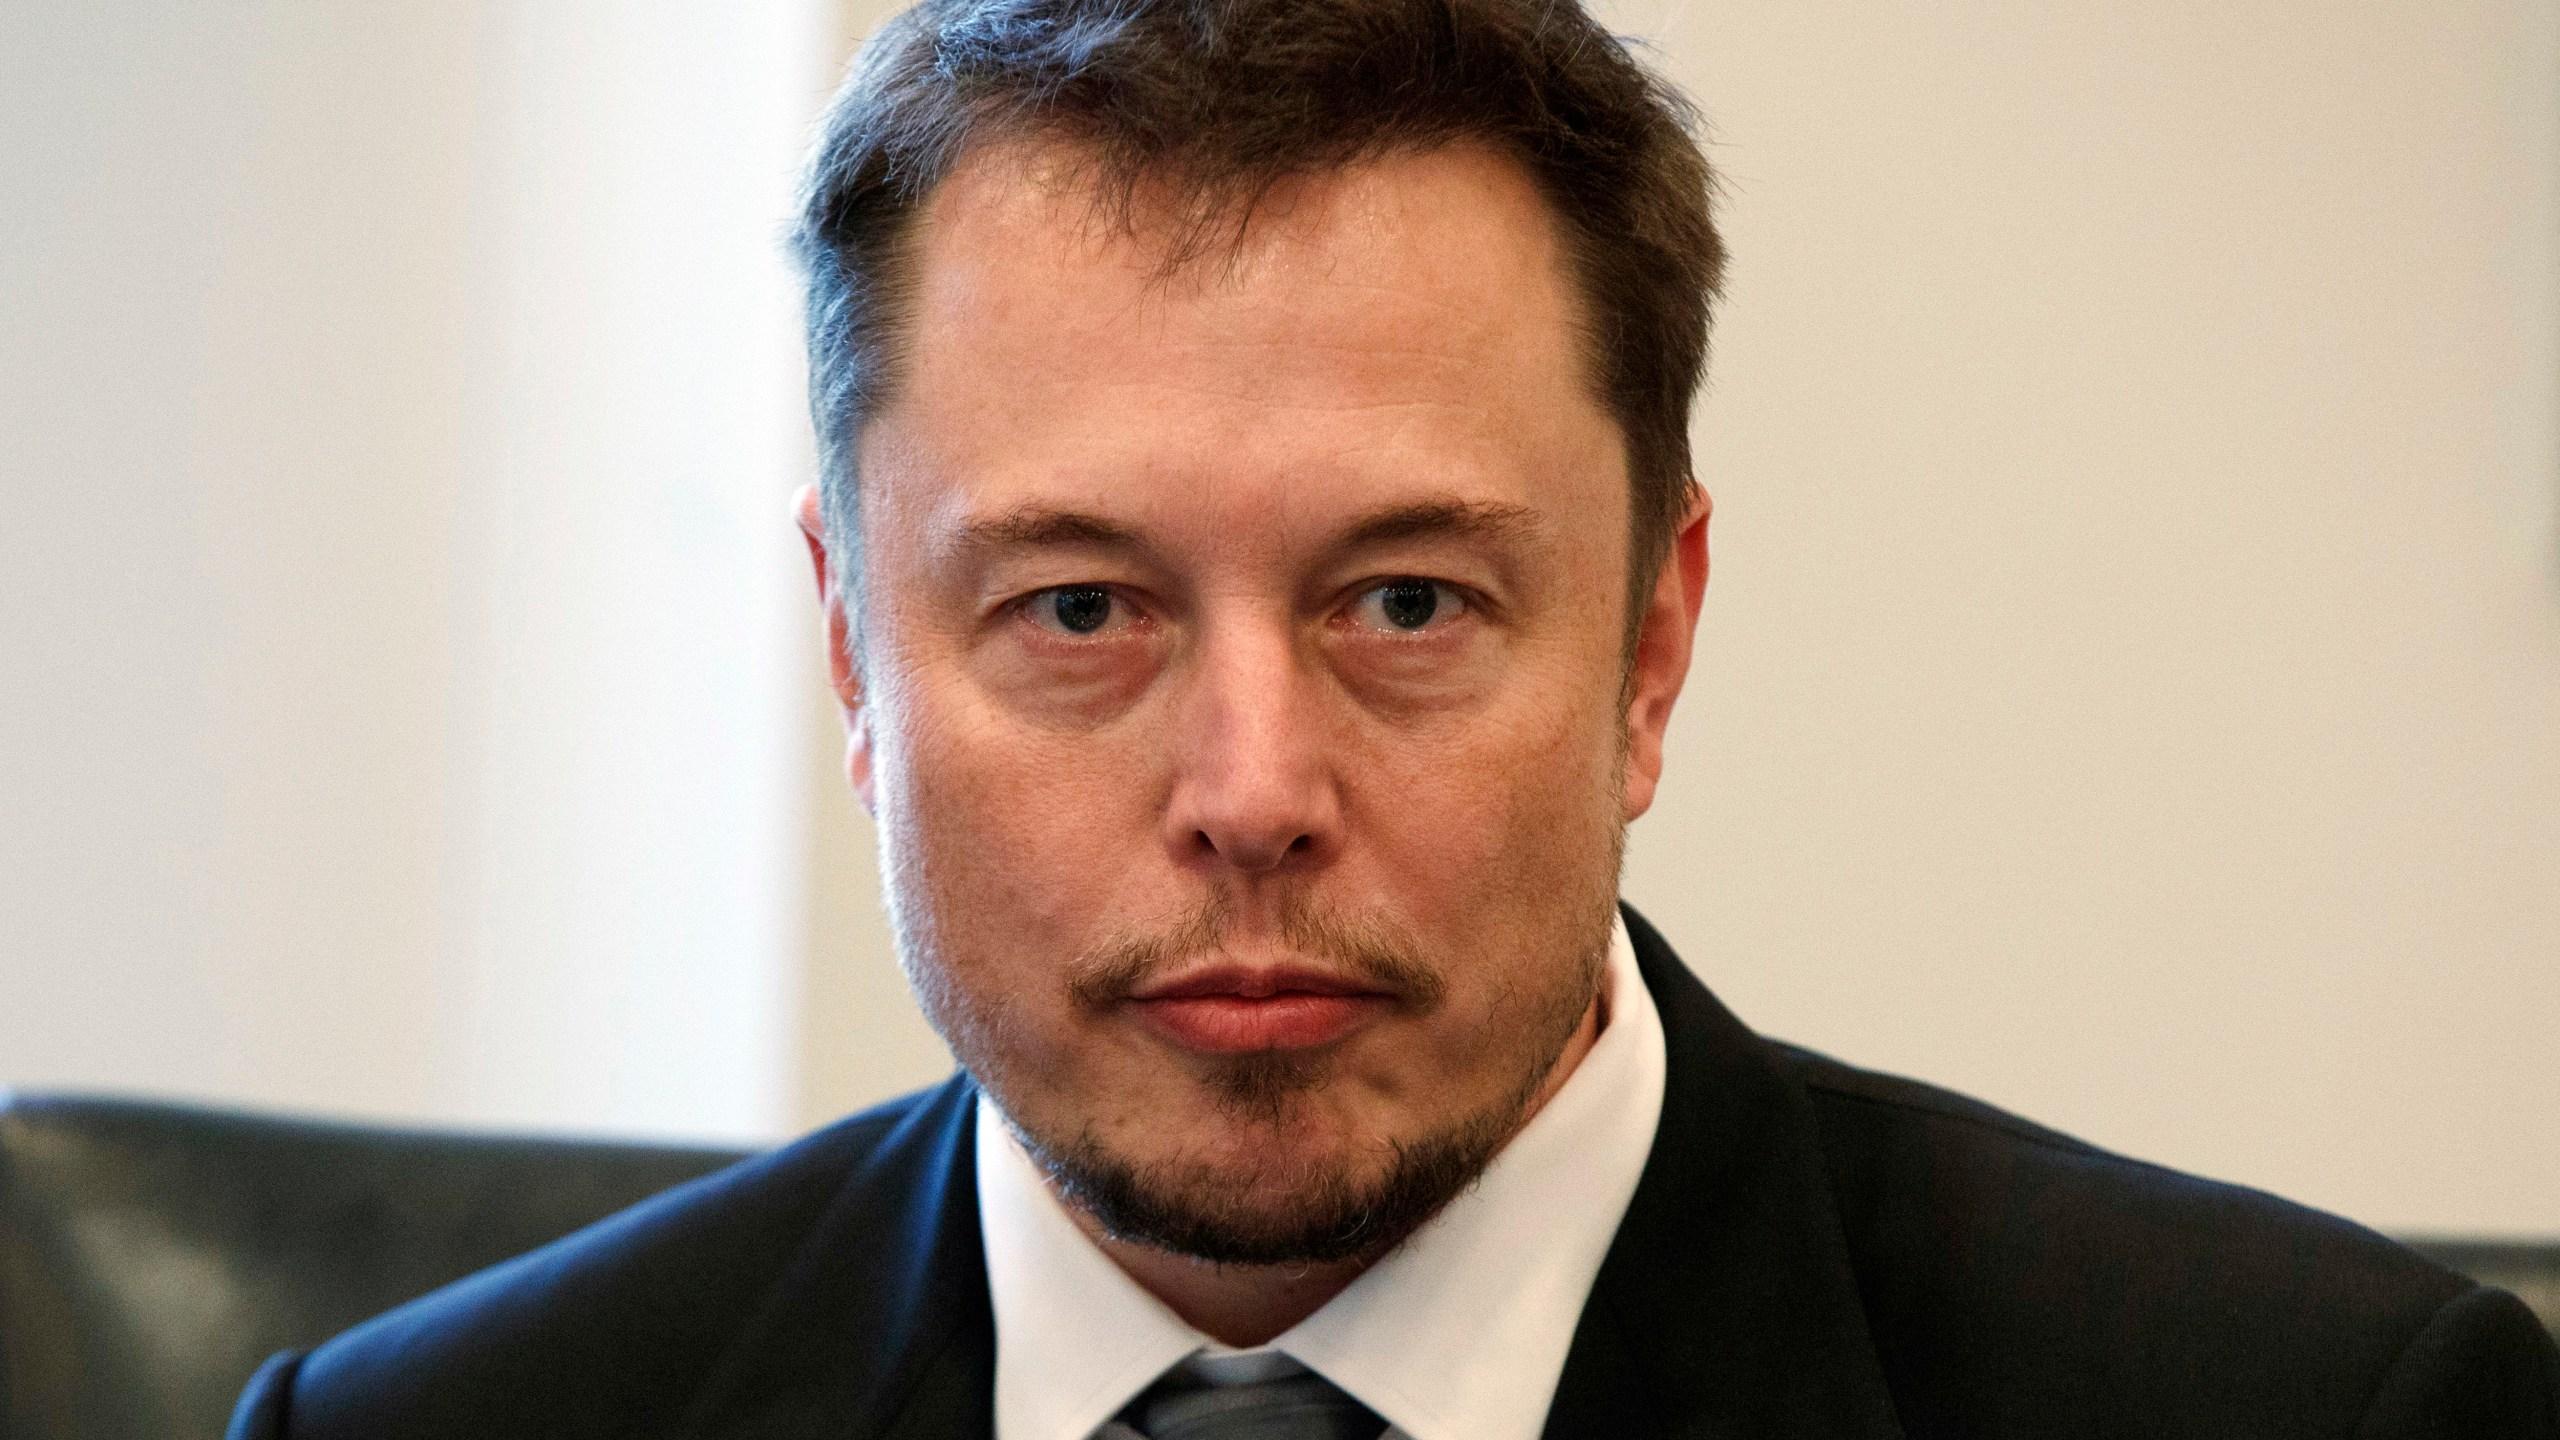 Elon_Musk_Social_Media_81829-159532.jpg36223269